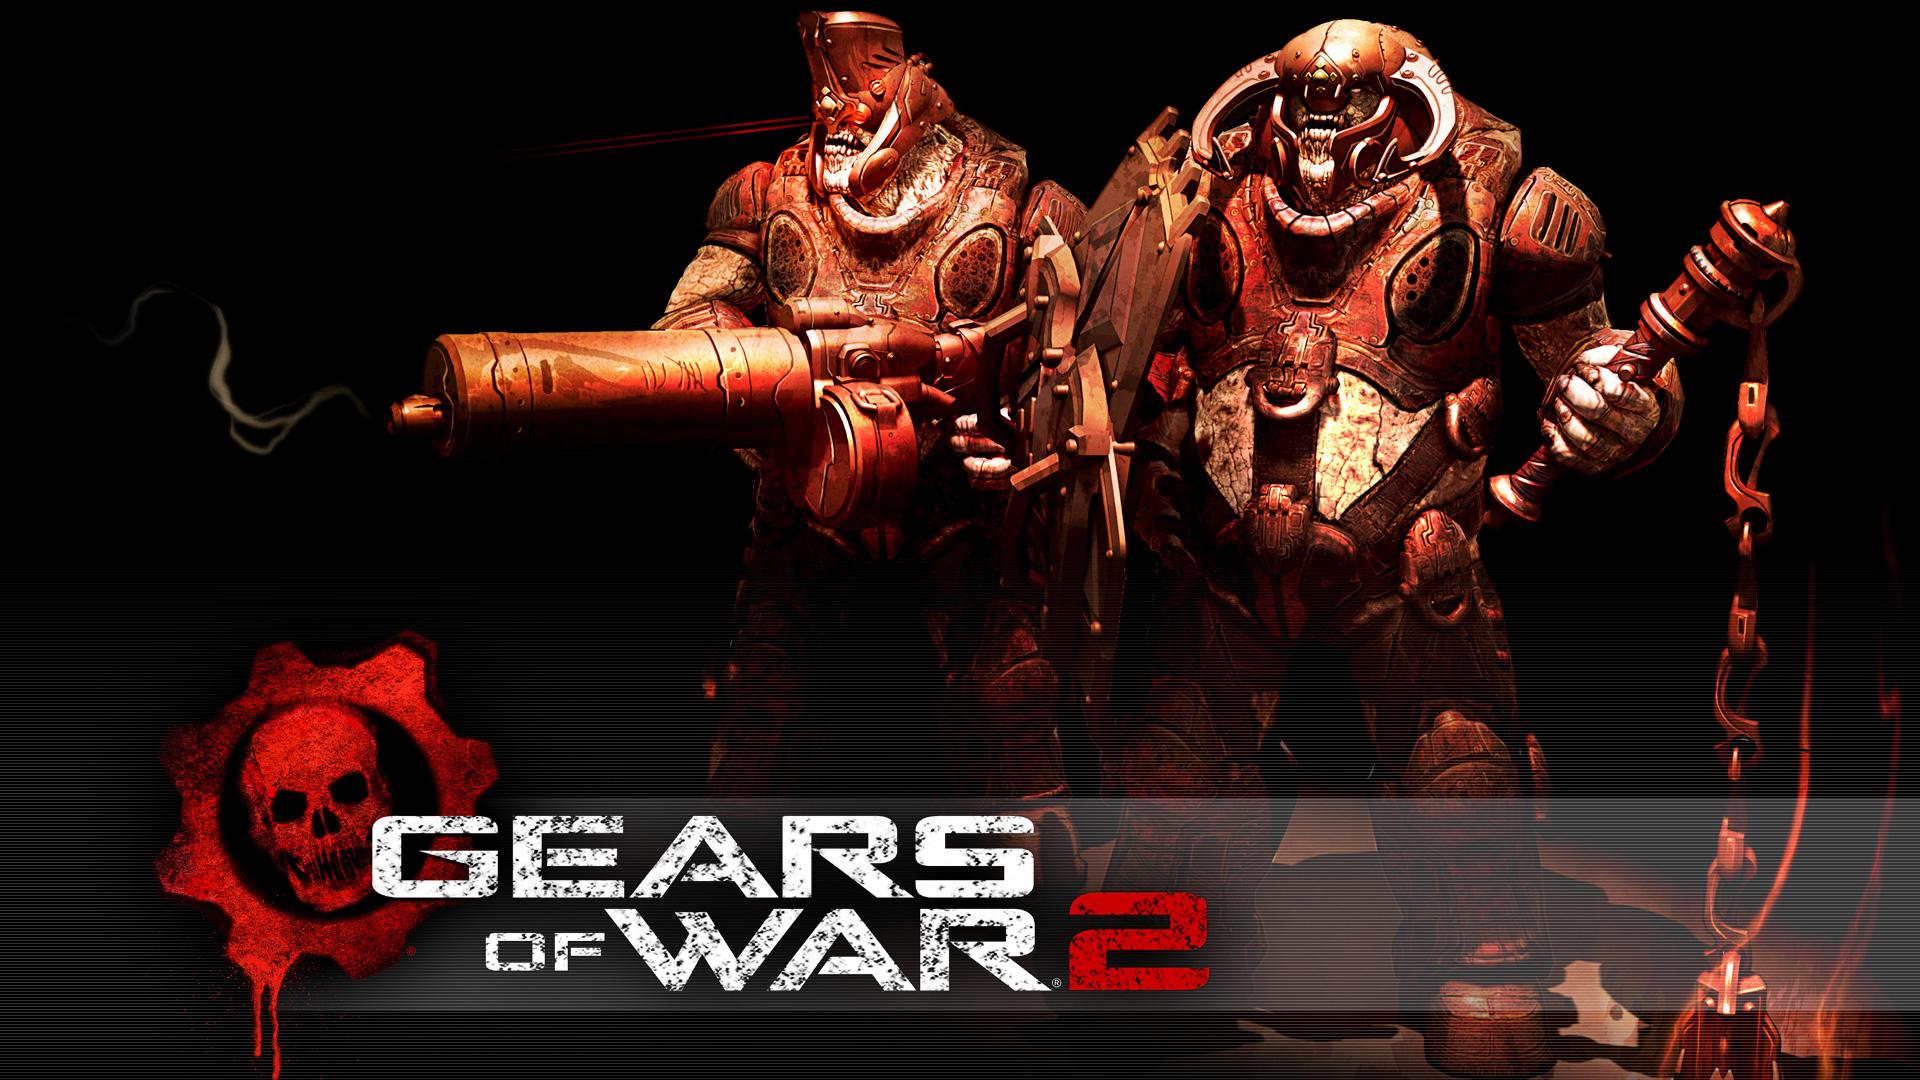 Gears of War 2 Wallpaper in 1920x1080